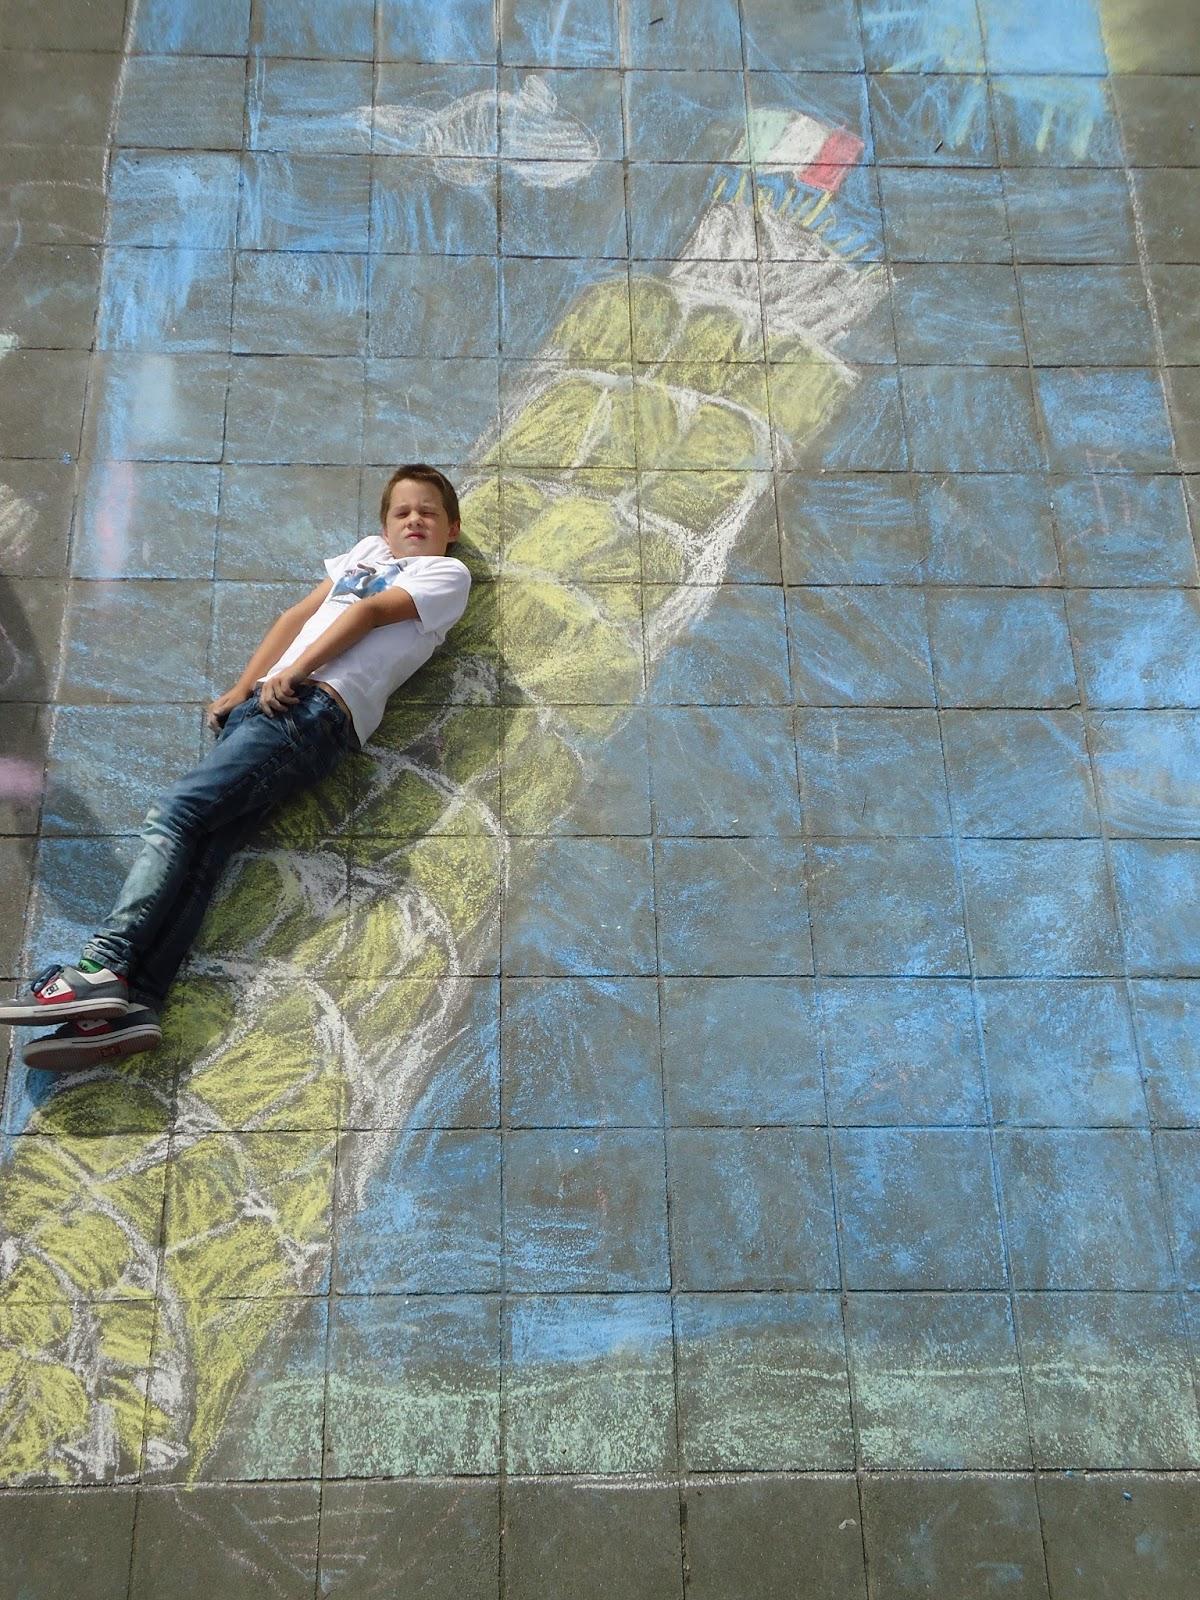 #3D6F8E23652144 De Kinderen Namen Deze Namiddag Leuke Foto's Bij Bekende Gebouwen  Van de bovenste plank Bekende Gebouwen 933 beeld 12001600933 Inspiratie